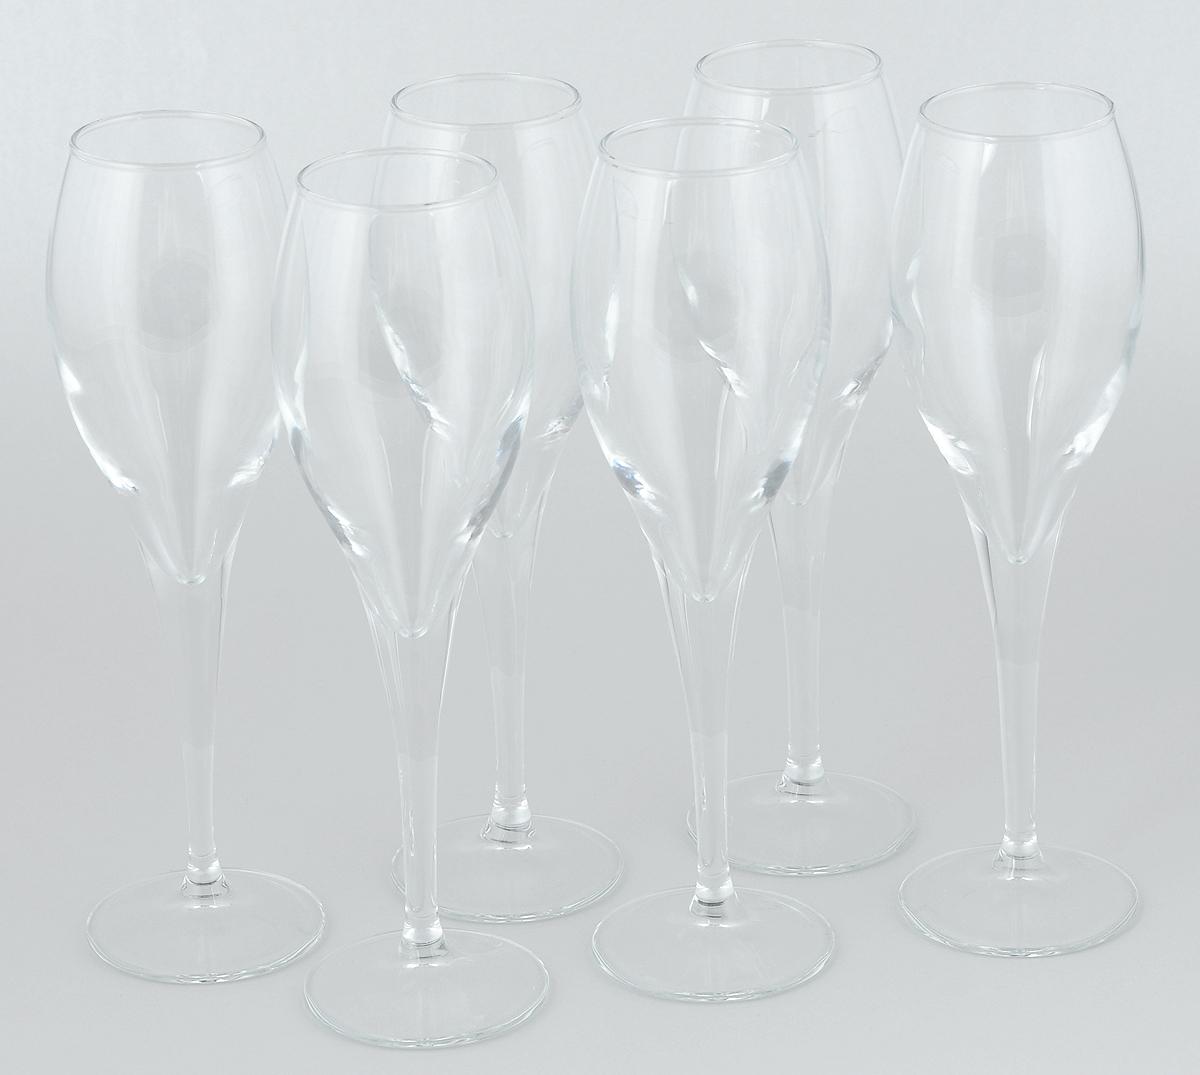 Набор бокалов Pasabahce Monte Carlo, 195 мл, 6 шт440110BНабор Pasabahce Monte Carlo состоит из шести бокалов, выполненных из прочного натрий-кальций-силикатного стекла. Изделия оснащены высокими ножками и предназначены для подачи вина, а также шампанского. Они сочетают в себе элегантный дизайн и функциональность. Набор бокалов Pasabahce Monte Carlo прекрасно оформит праздничный стол и создаст приятную атмосферу за романтическим ужином. Такой набор также станет хорошим подарком к любому случаю. Высота бокала: 21,3 см.